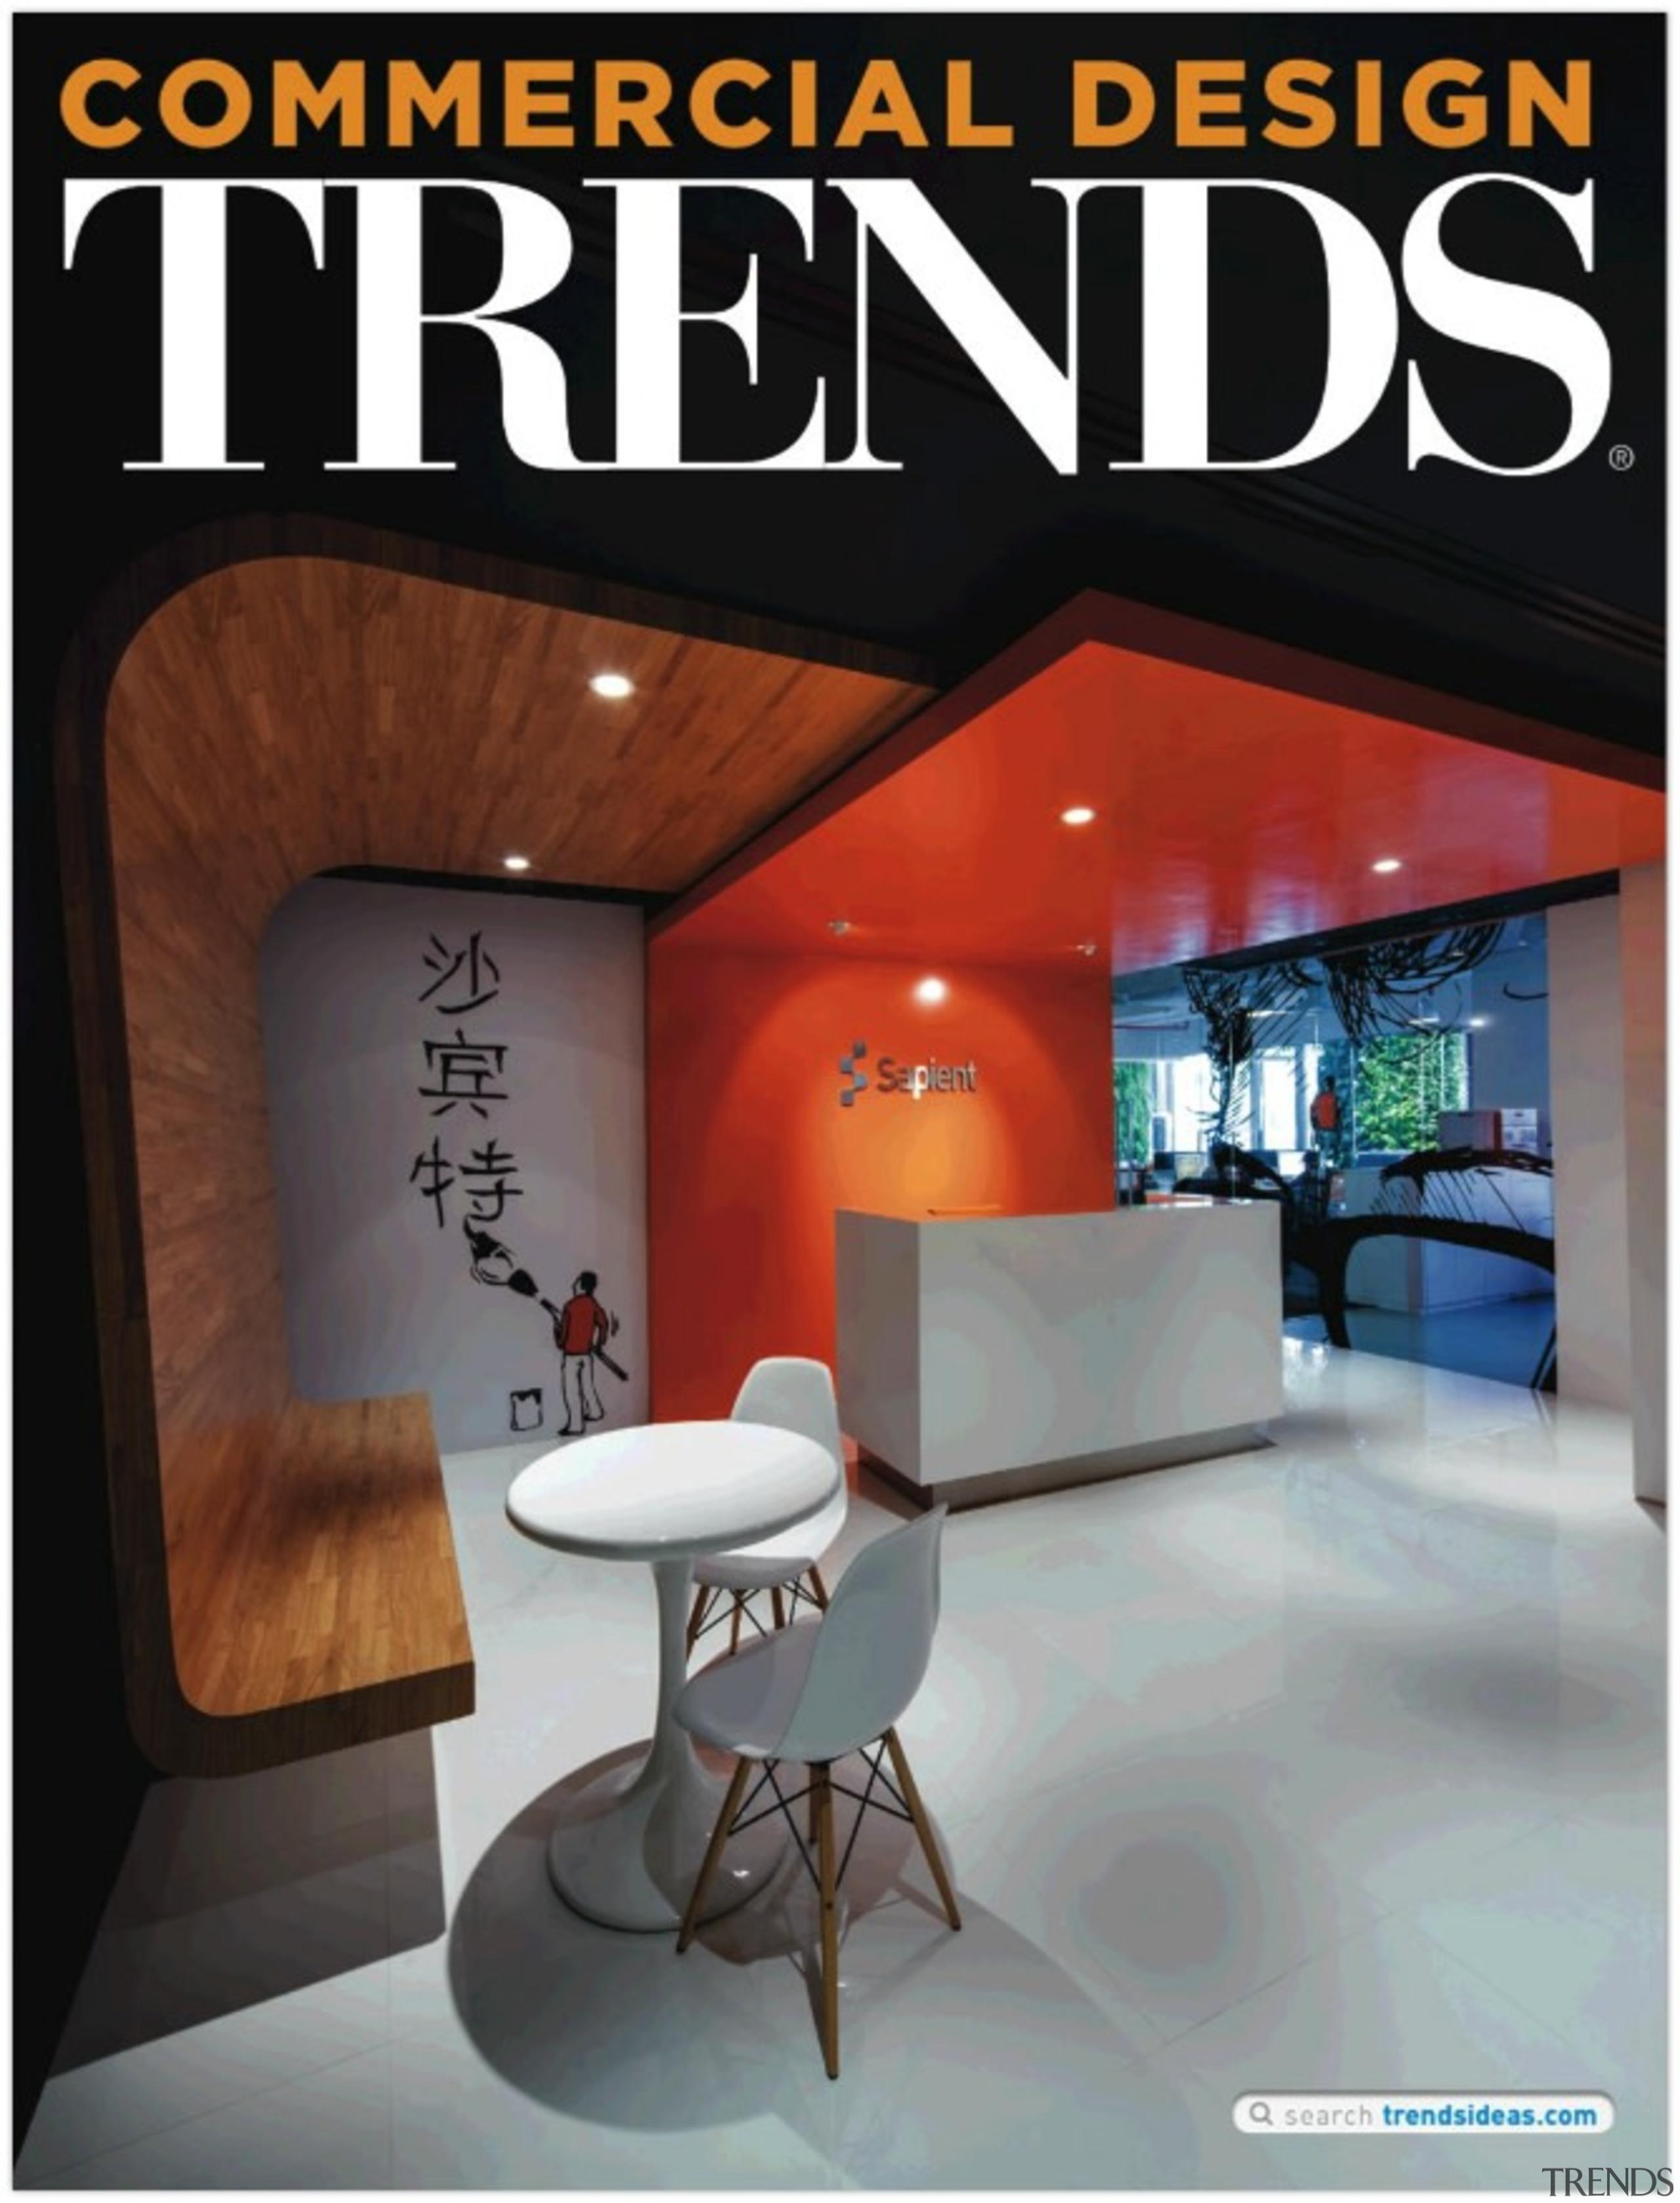 Book Cover Nz2811 - furniture   interior design furniture, interior design, product design, table, gray, black